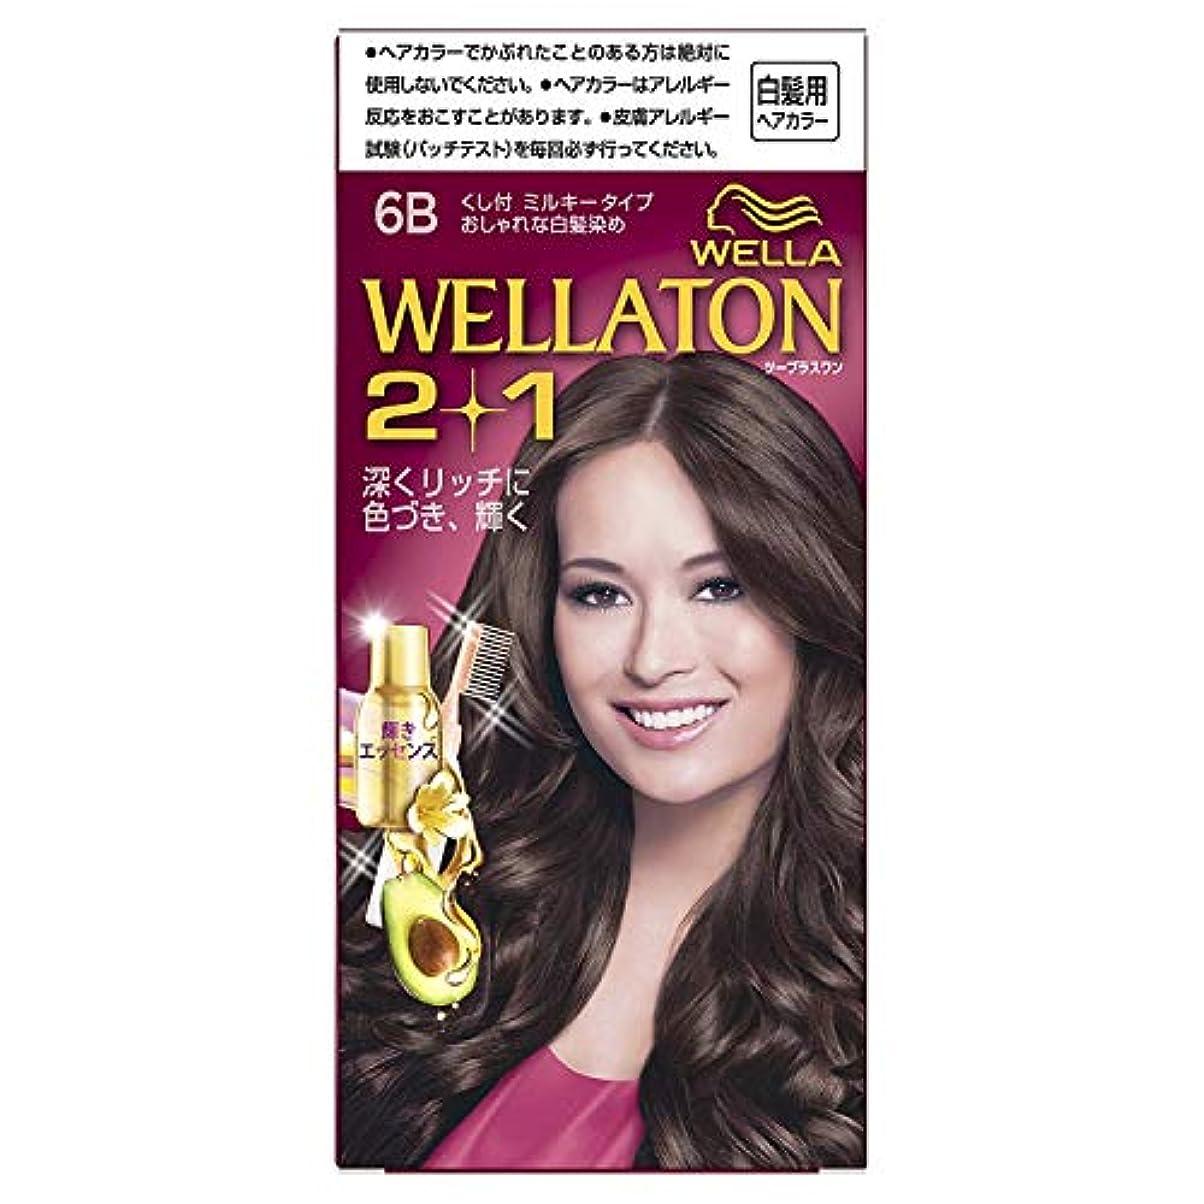 トランスミッション人気の顎ウエラトーン2+1 くし付ミルキータイプ 6B [医薬部外品] ×6個